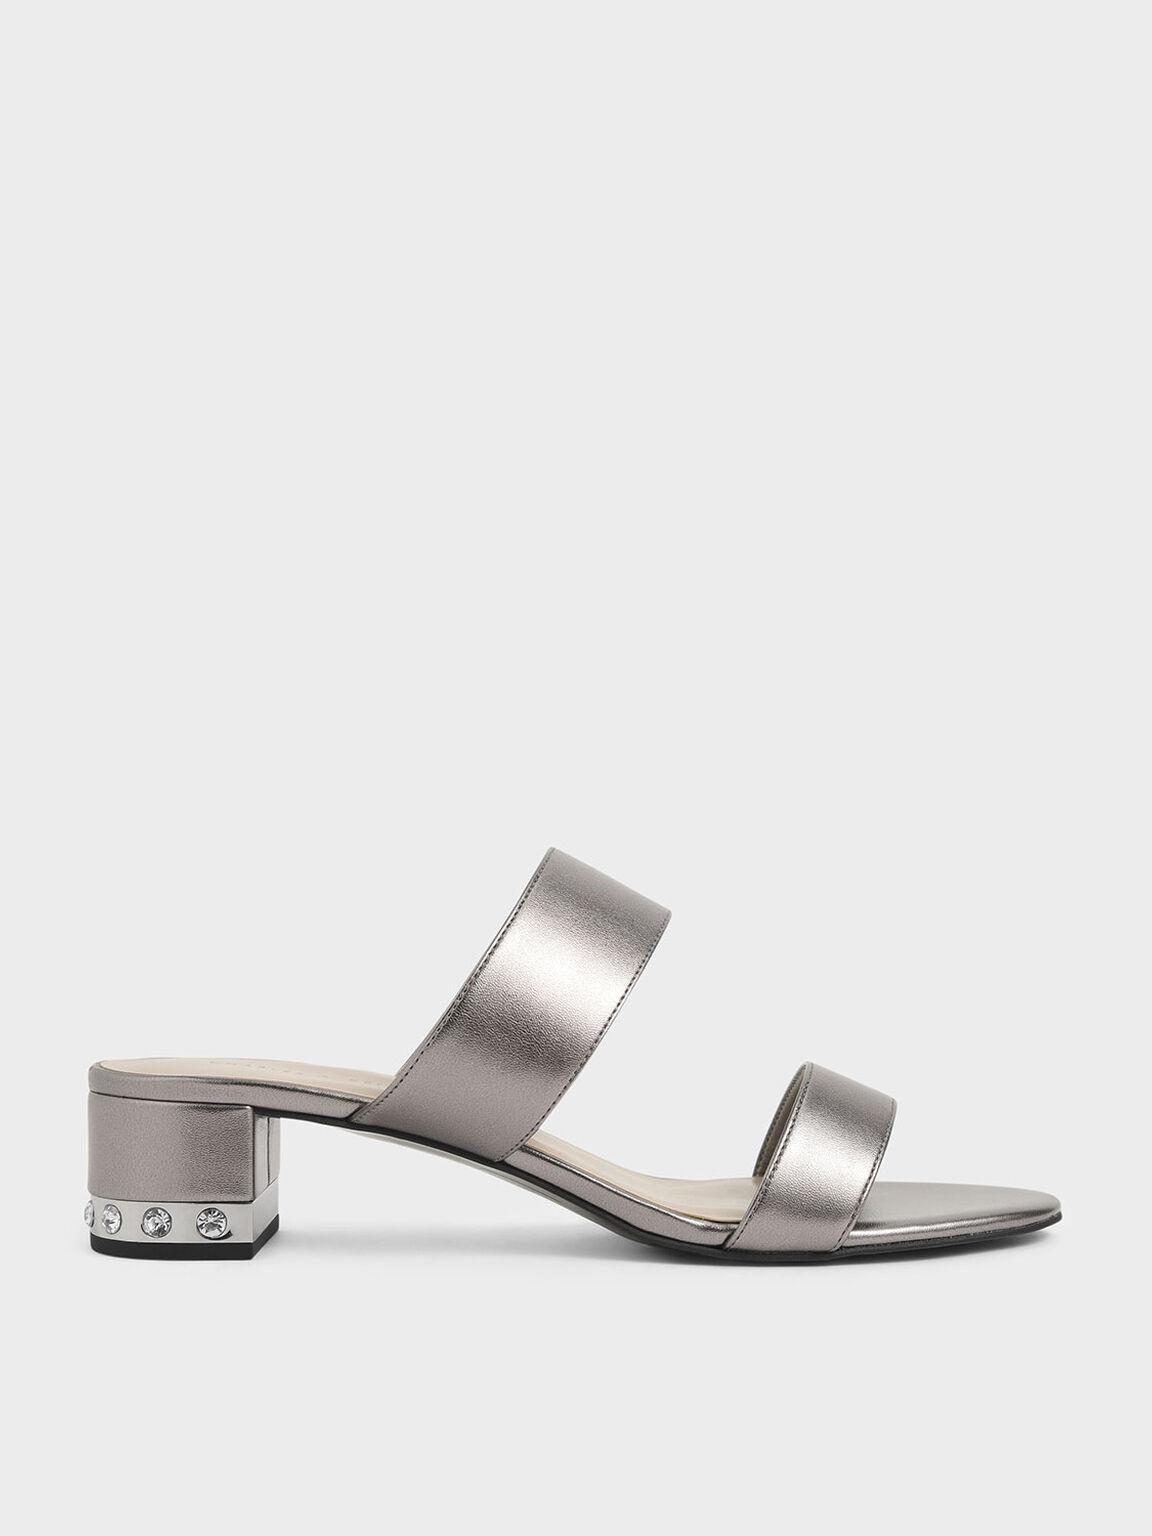 Embellished Block Heel Metallic Slide Sandals, Pewter, hi-res